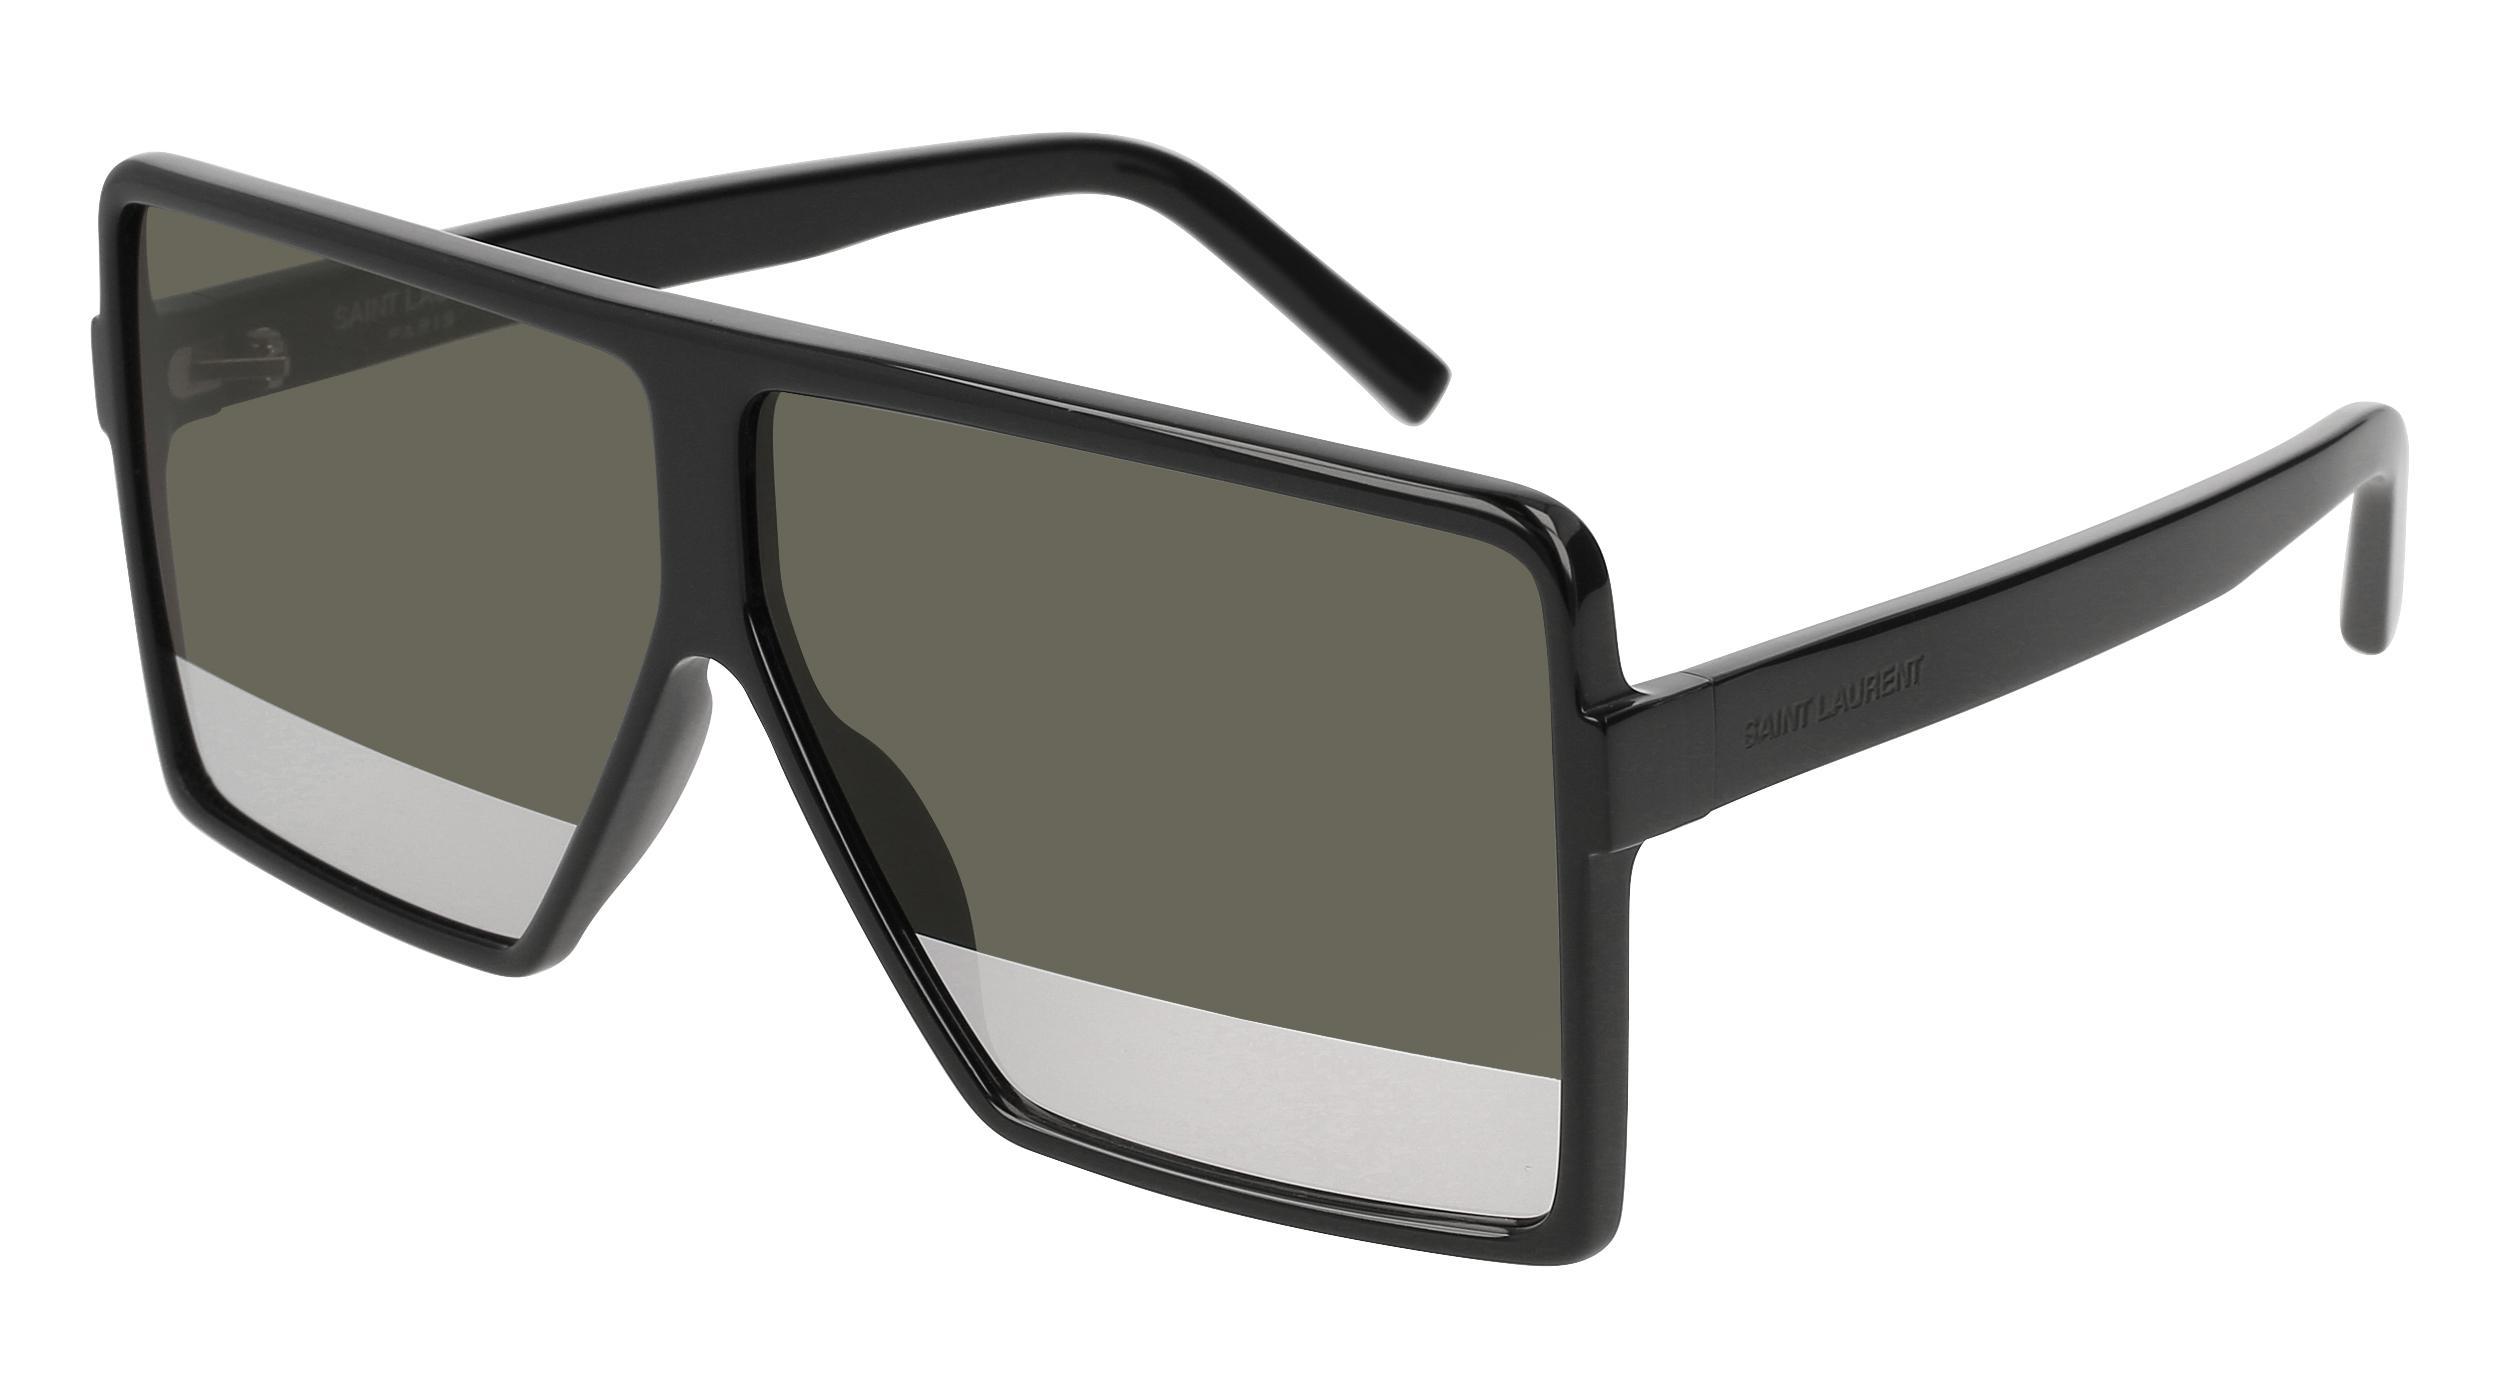 Betty Flat Top Sunglasses Saint Laurent Acetate Pv6wPqU